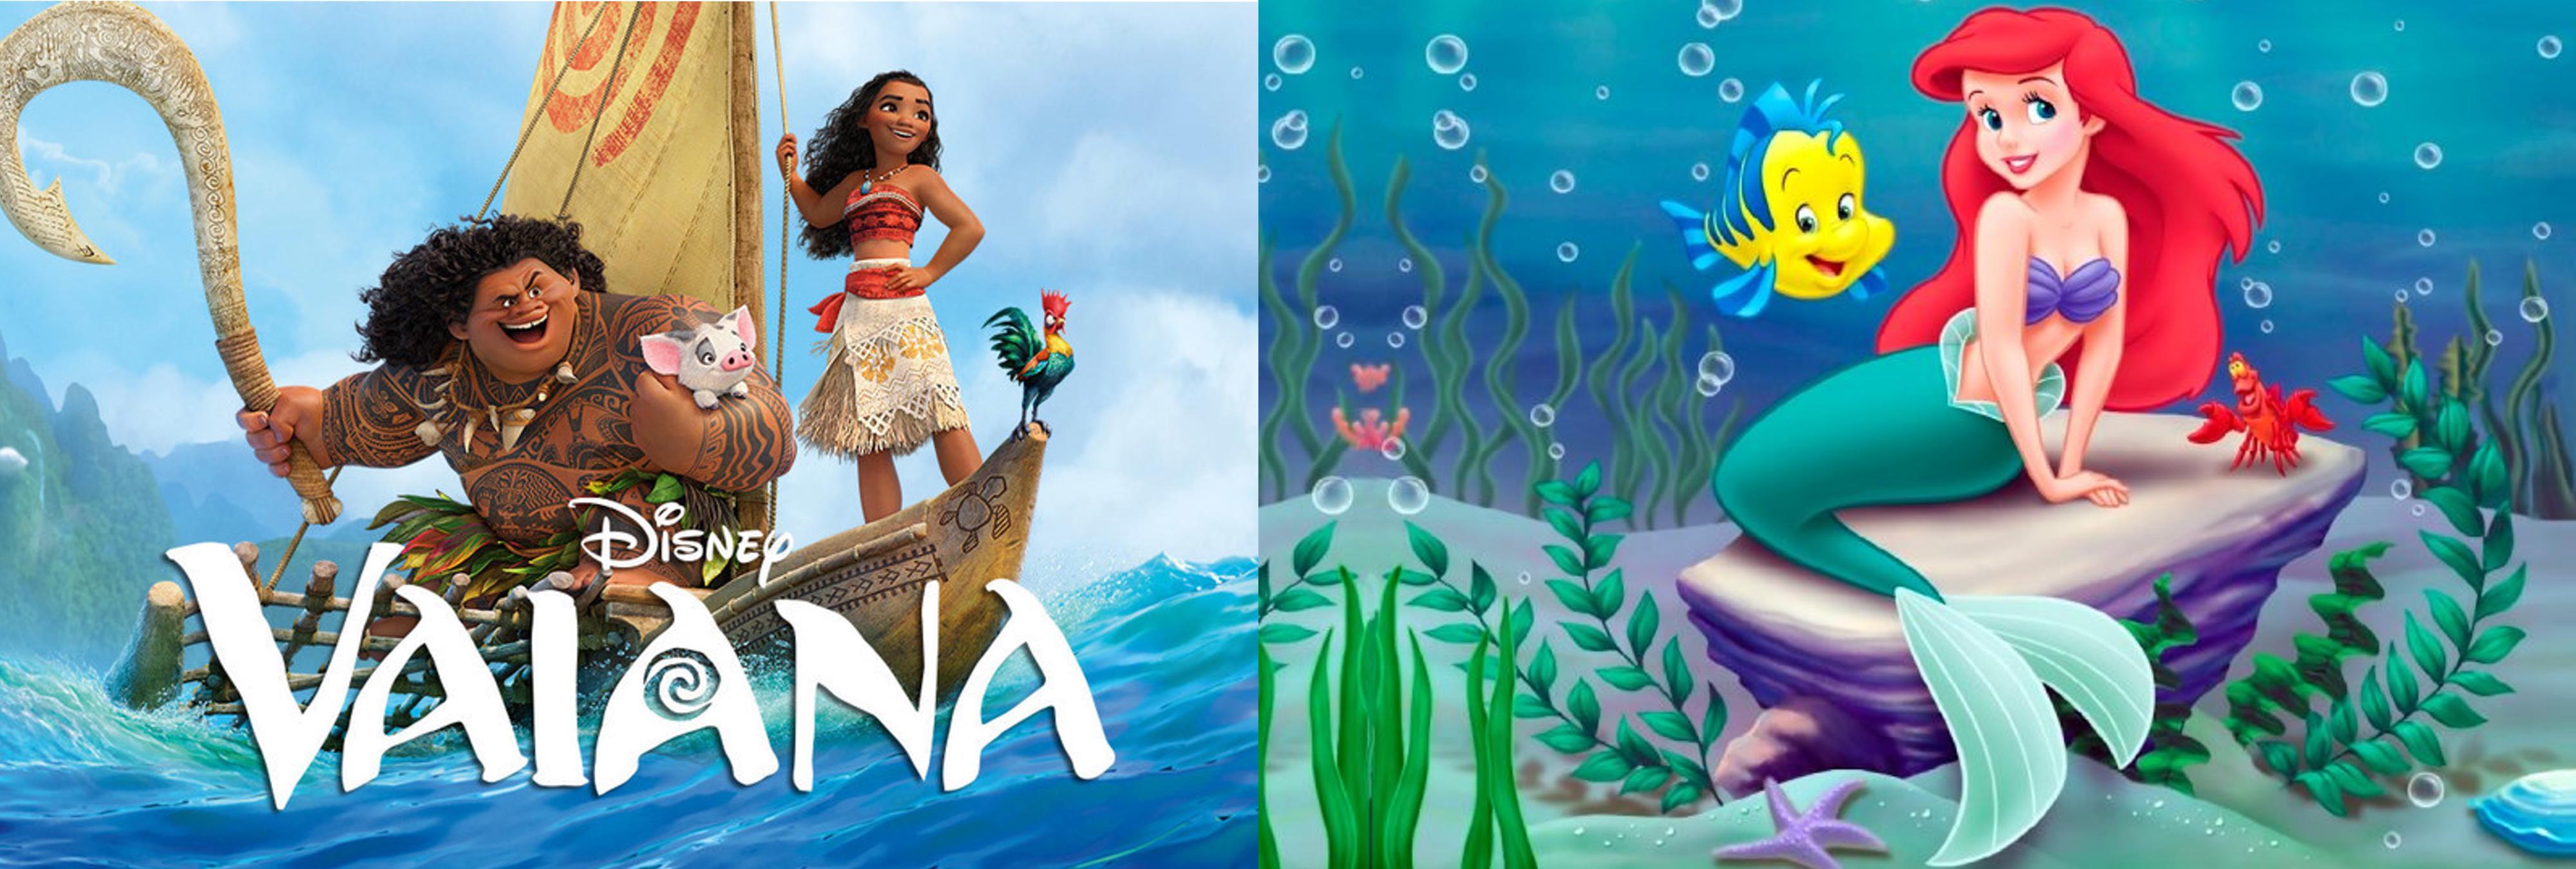 12 razones que demuestran que 'Vaiana' es la historia a la inversa de 'La Sirenita'